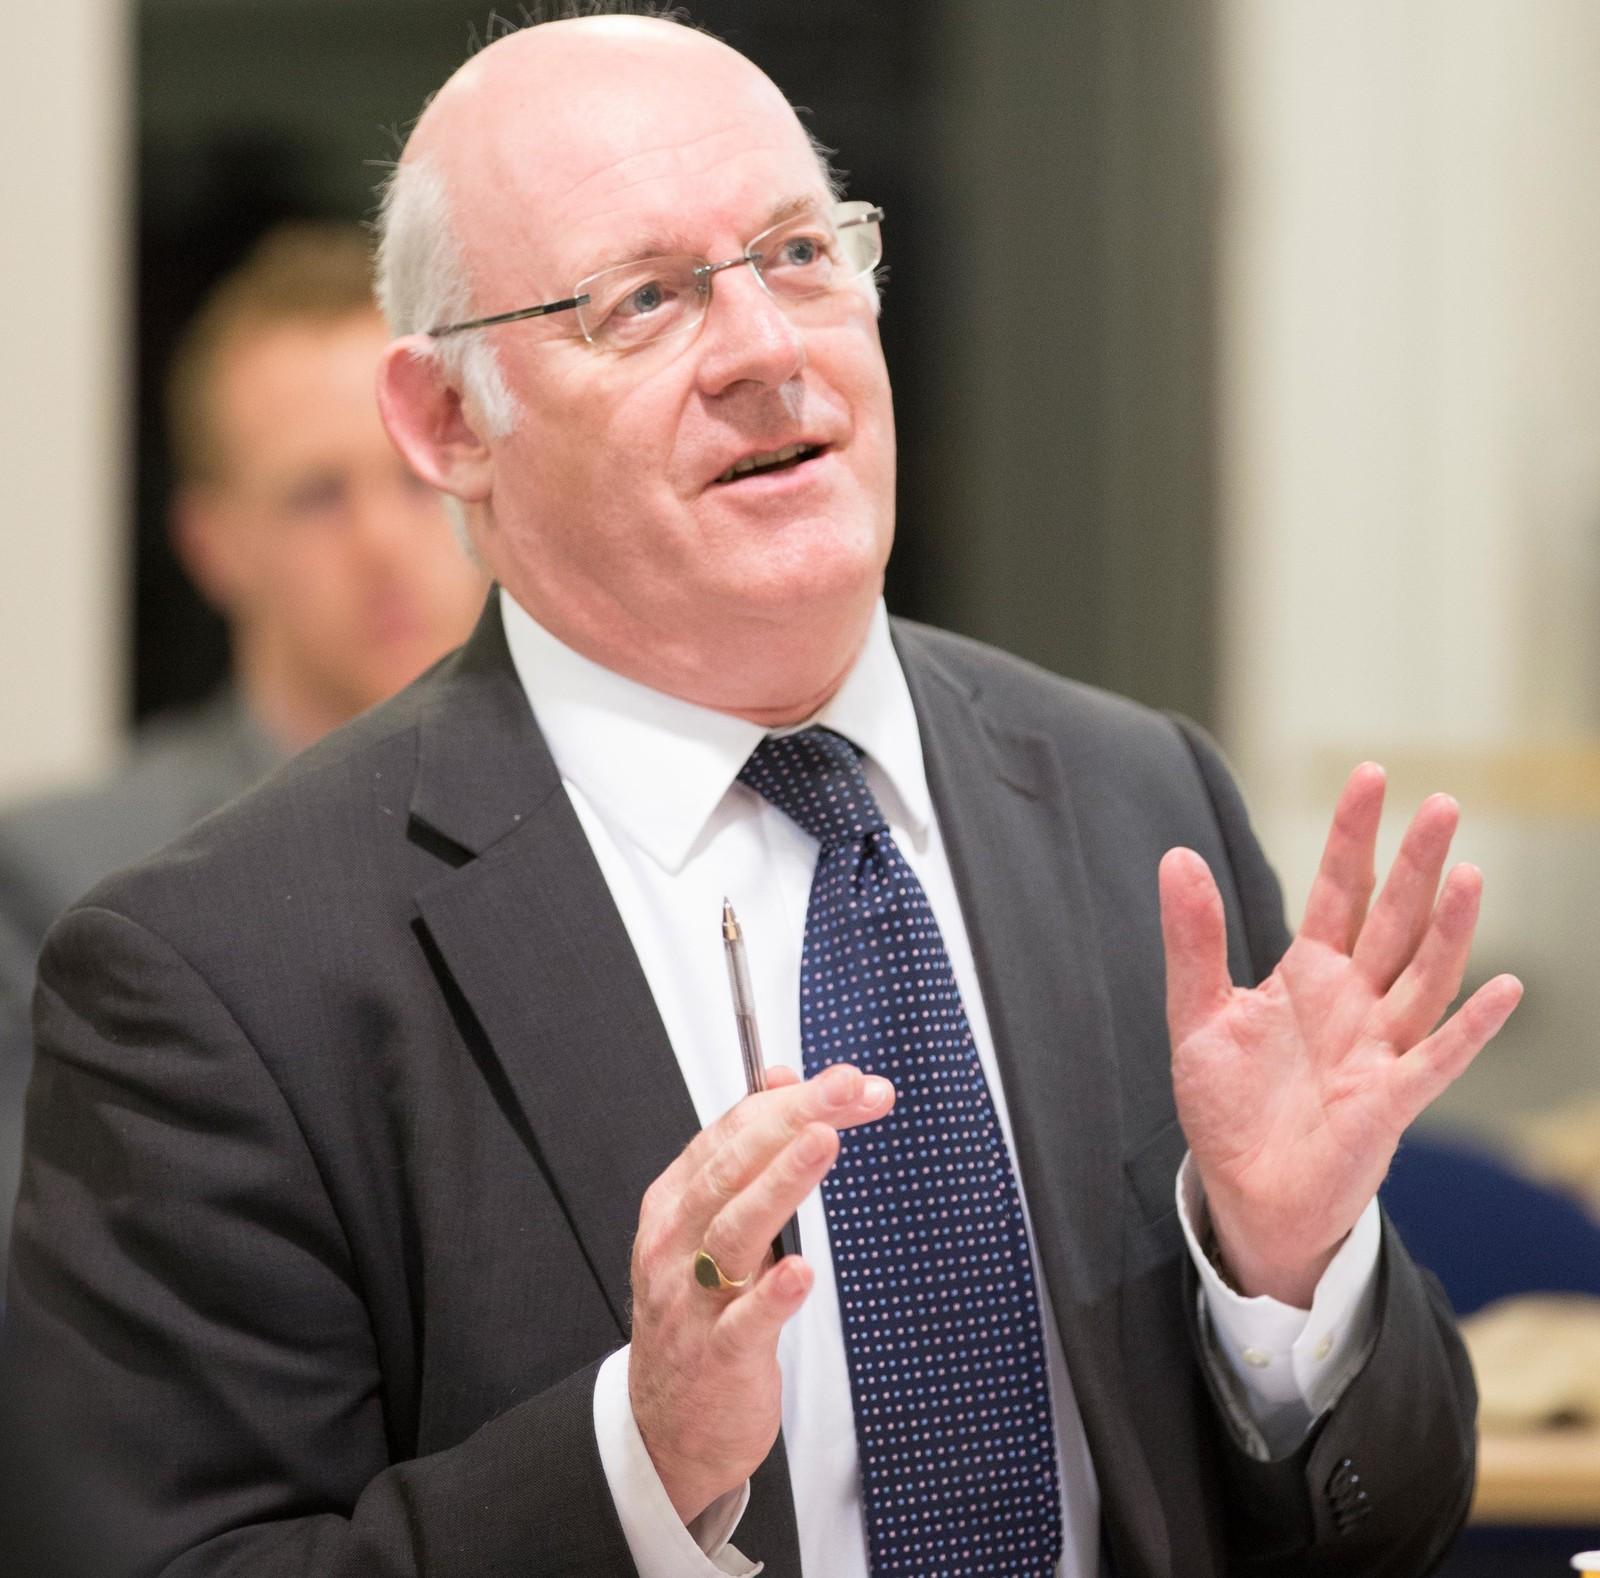 John Milne